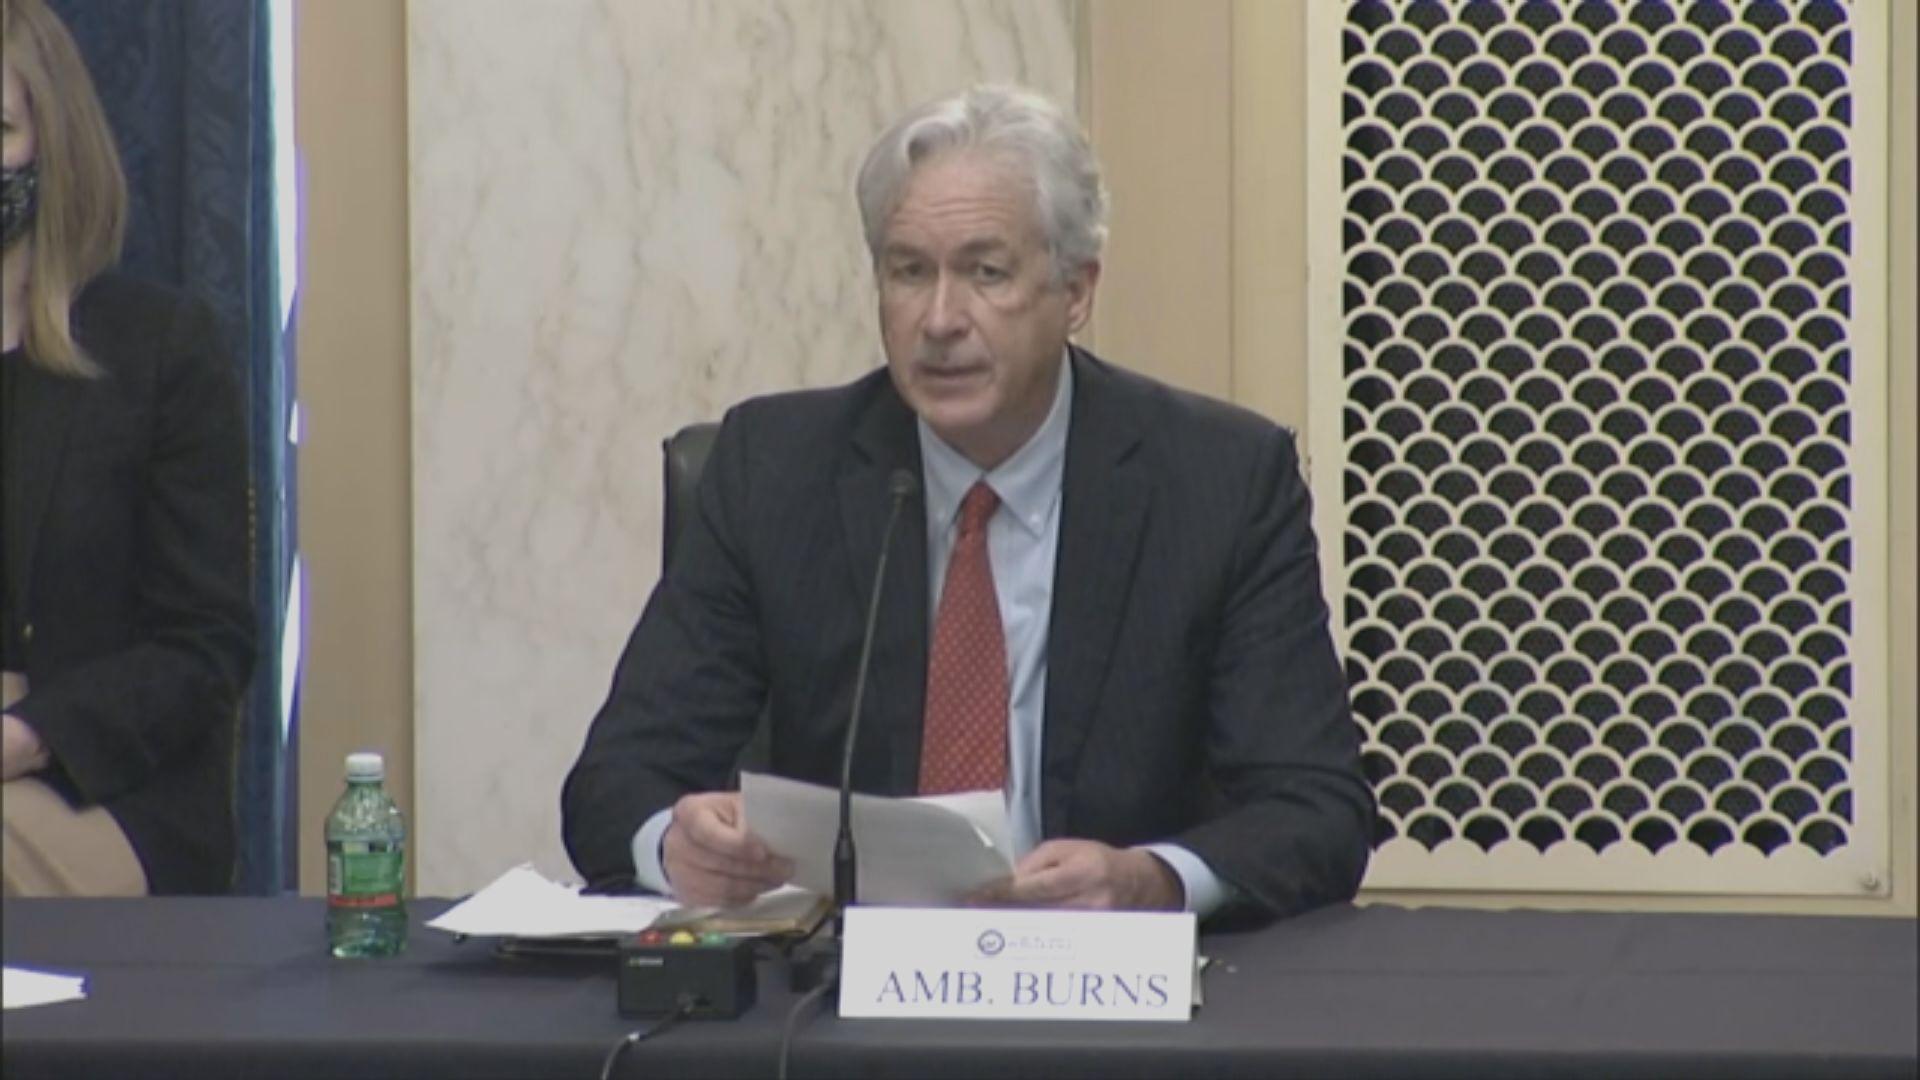 伯恩斯:美中競爭是美國國安關鍵 需為長達數十年競爭作準備